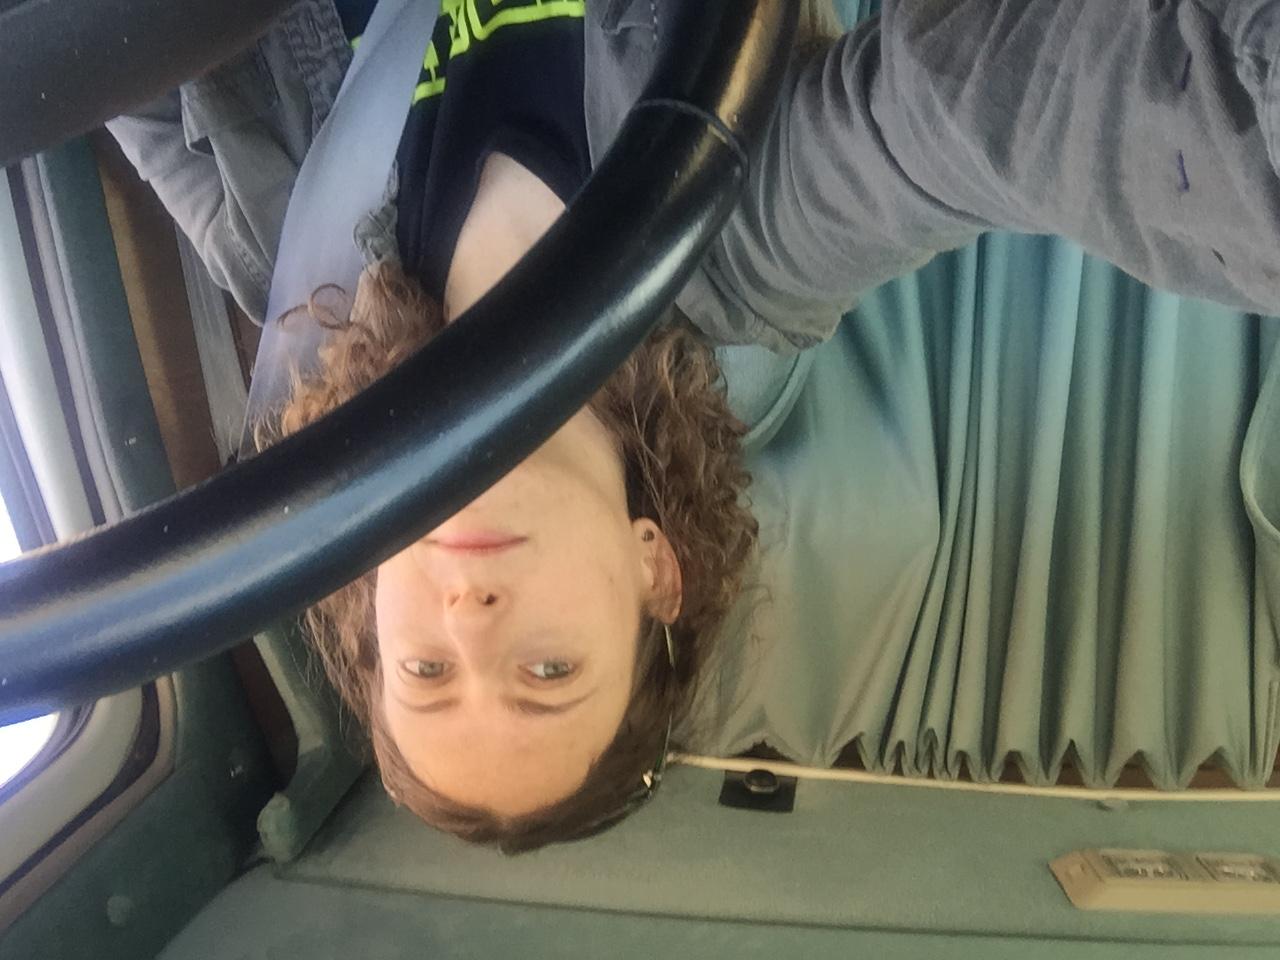 Jessica Bruder in her van